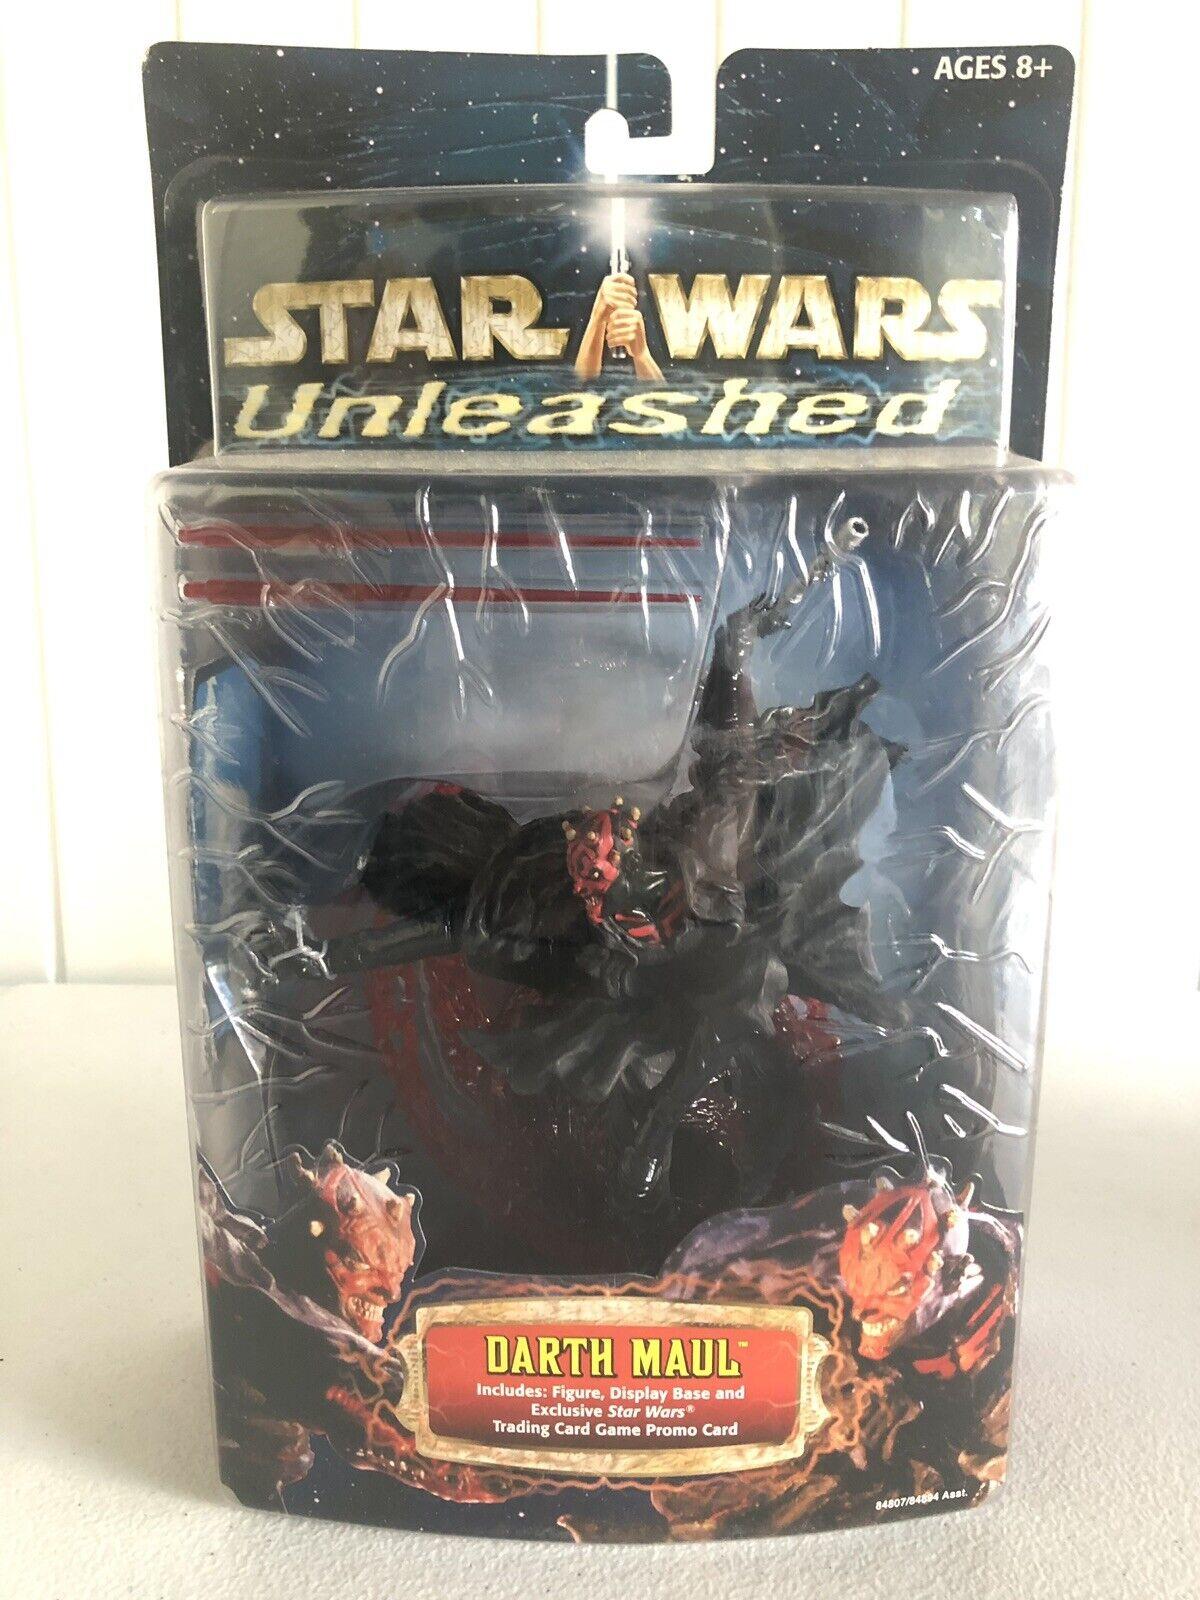 Star Wars Unleashed Darth Maul 2002 sealed -